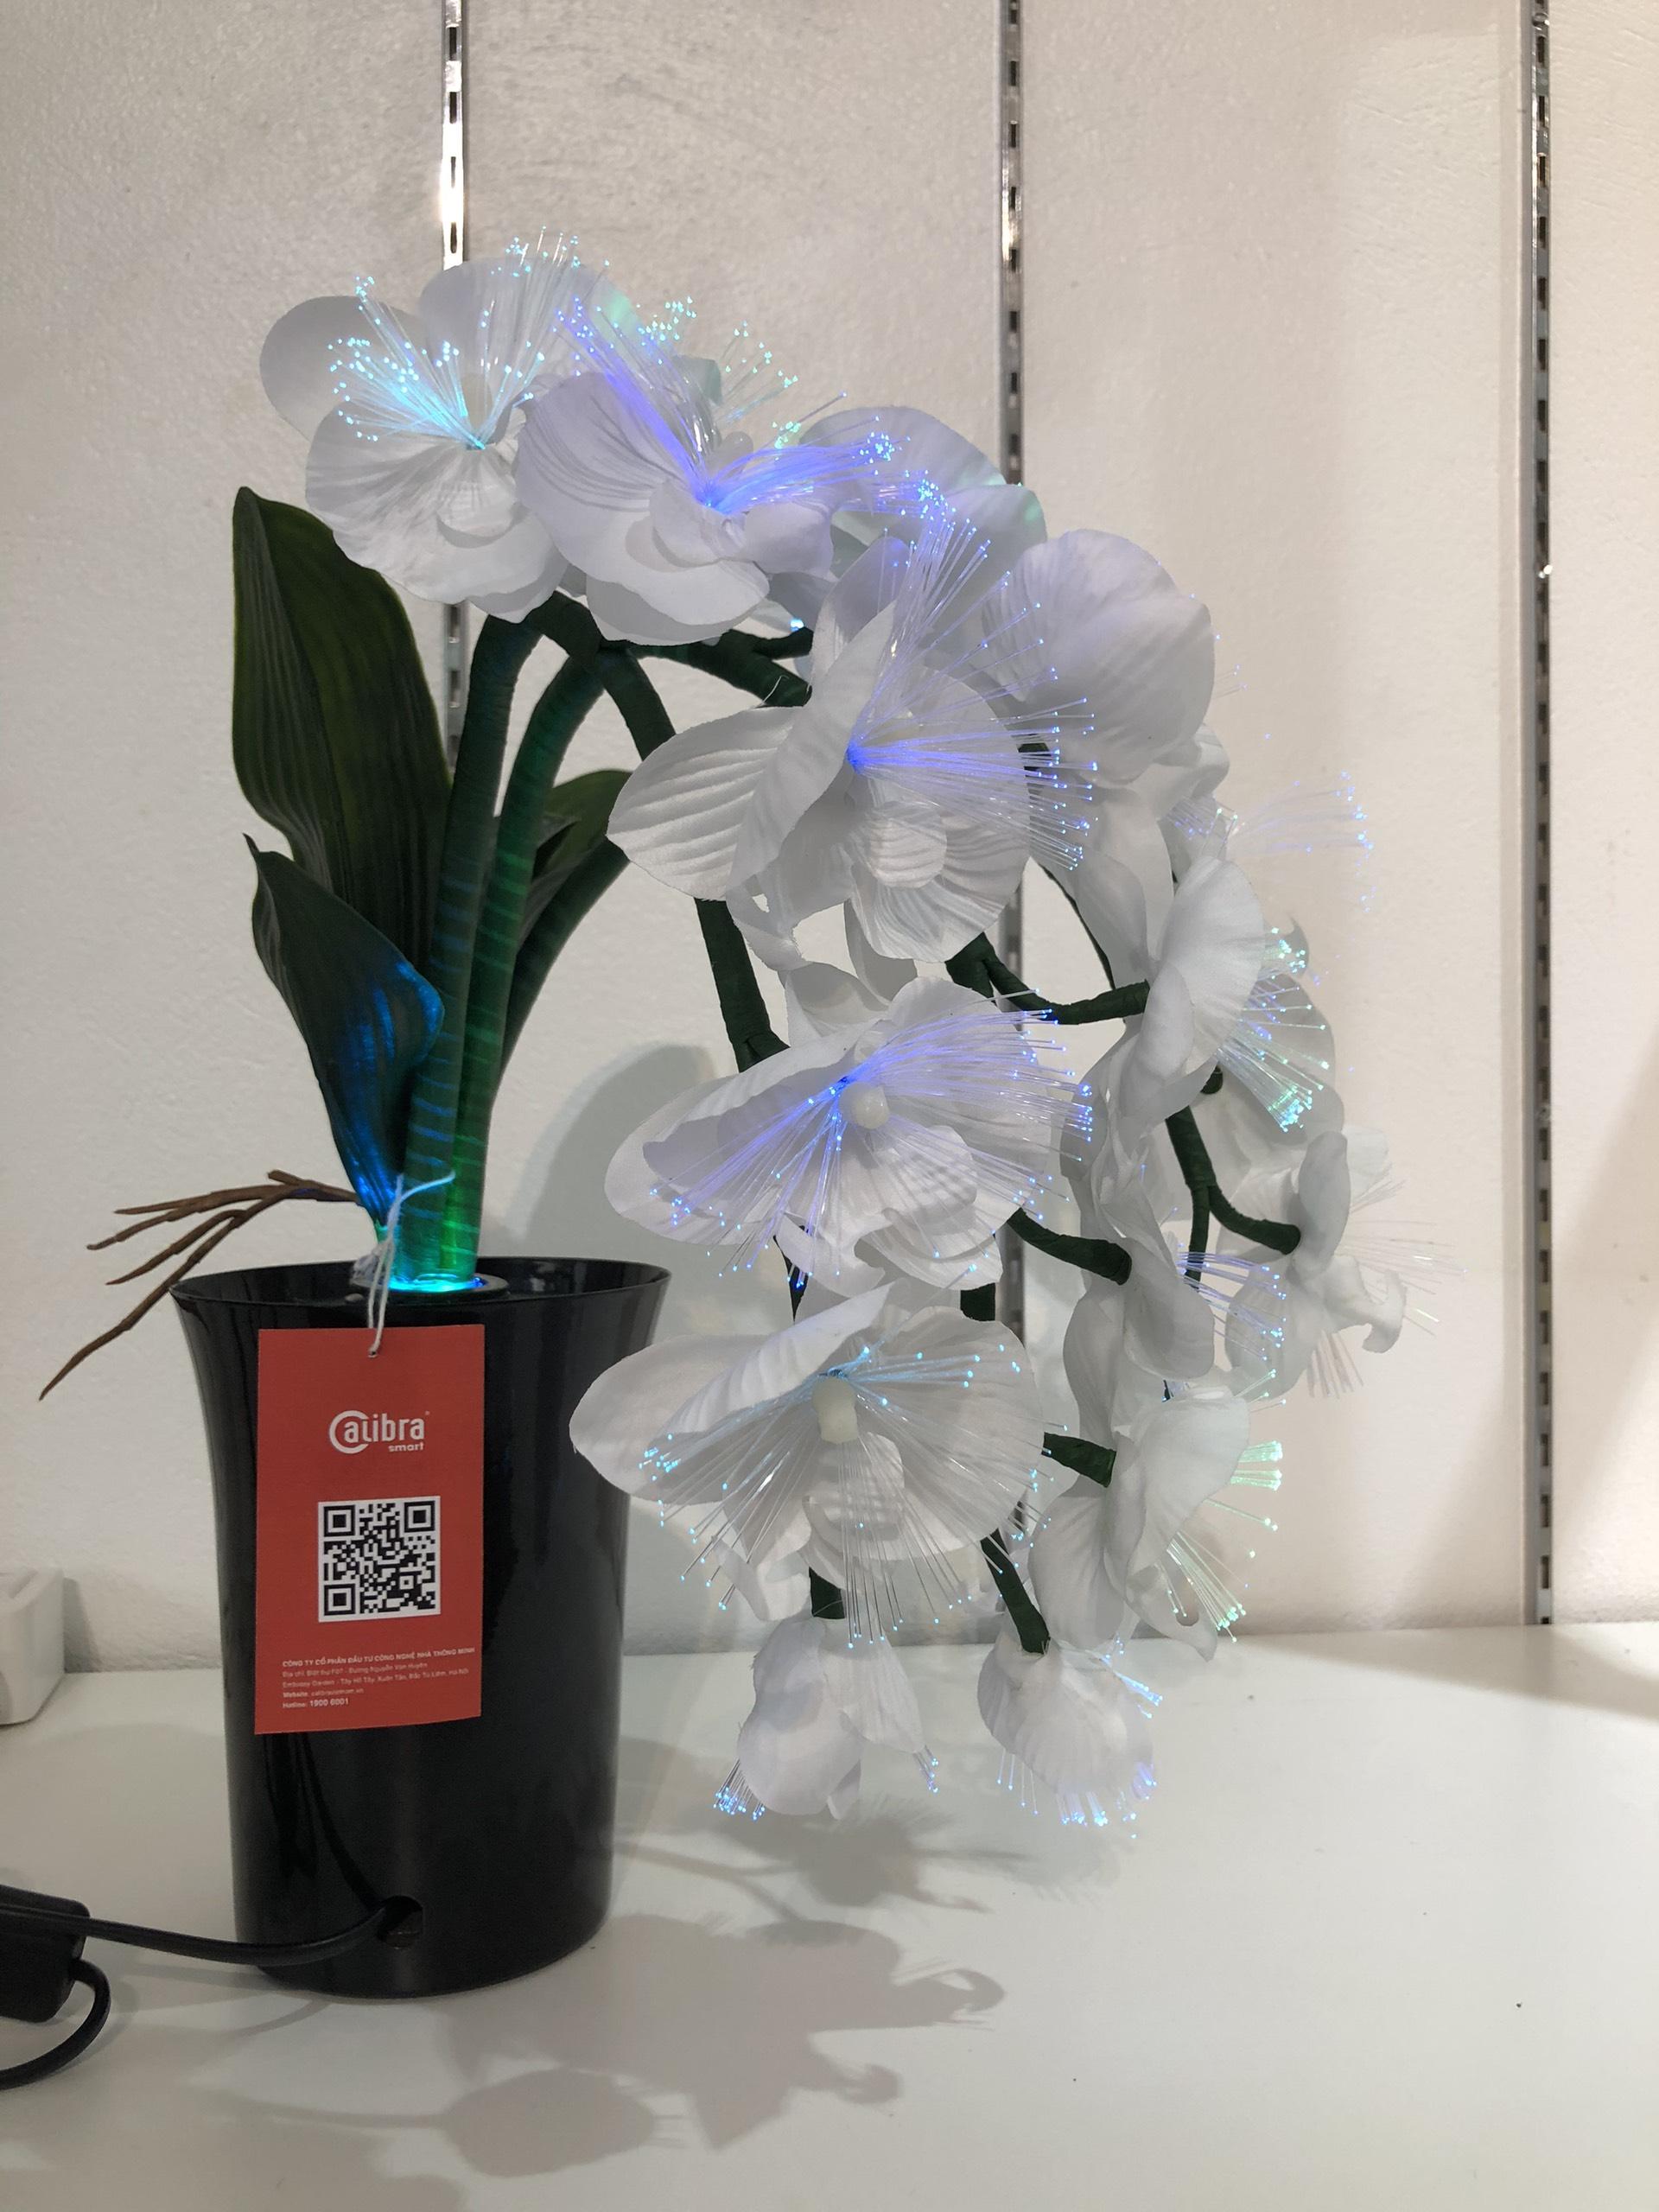 Bình hoa đèn led sợi quang đổi màu - bình hoa trang trí - bình hoa lan trắng cắm điện 220V - BH089